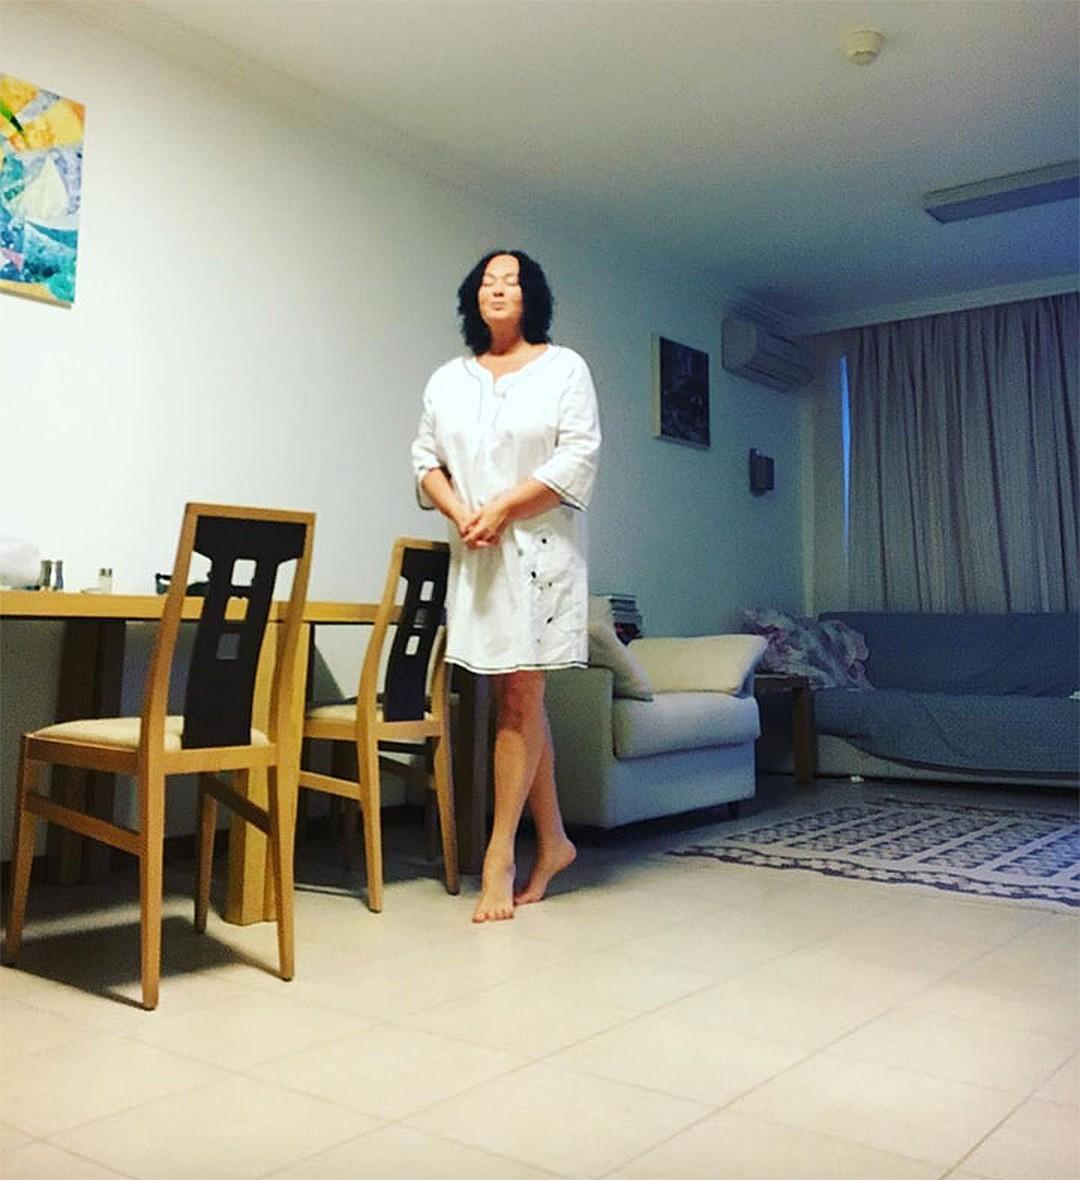 Гузеева в своей болгарской гостиной. Фото: instagram.com/_larisa_guzeeva_